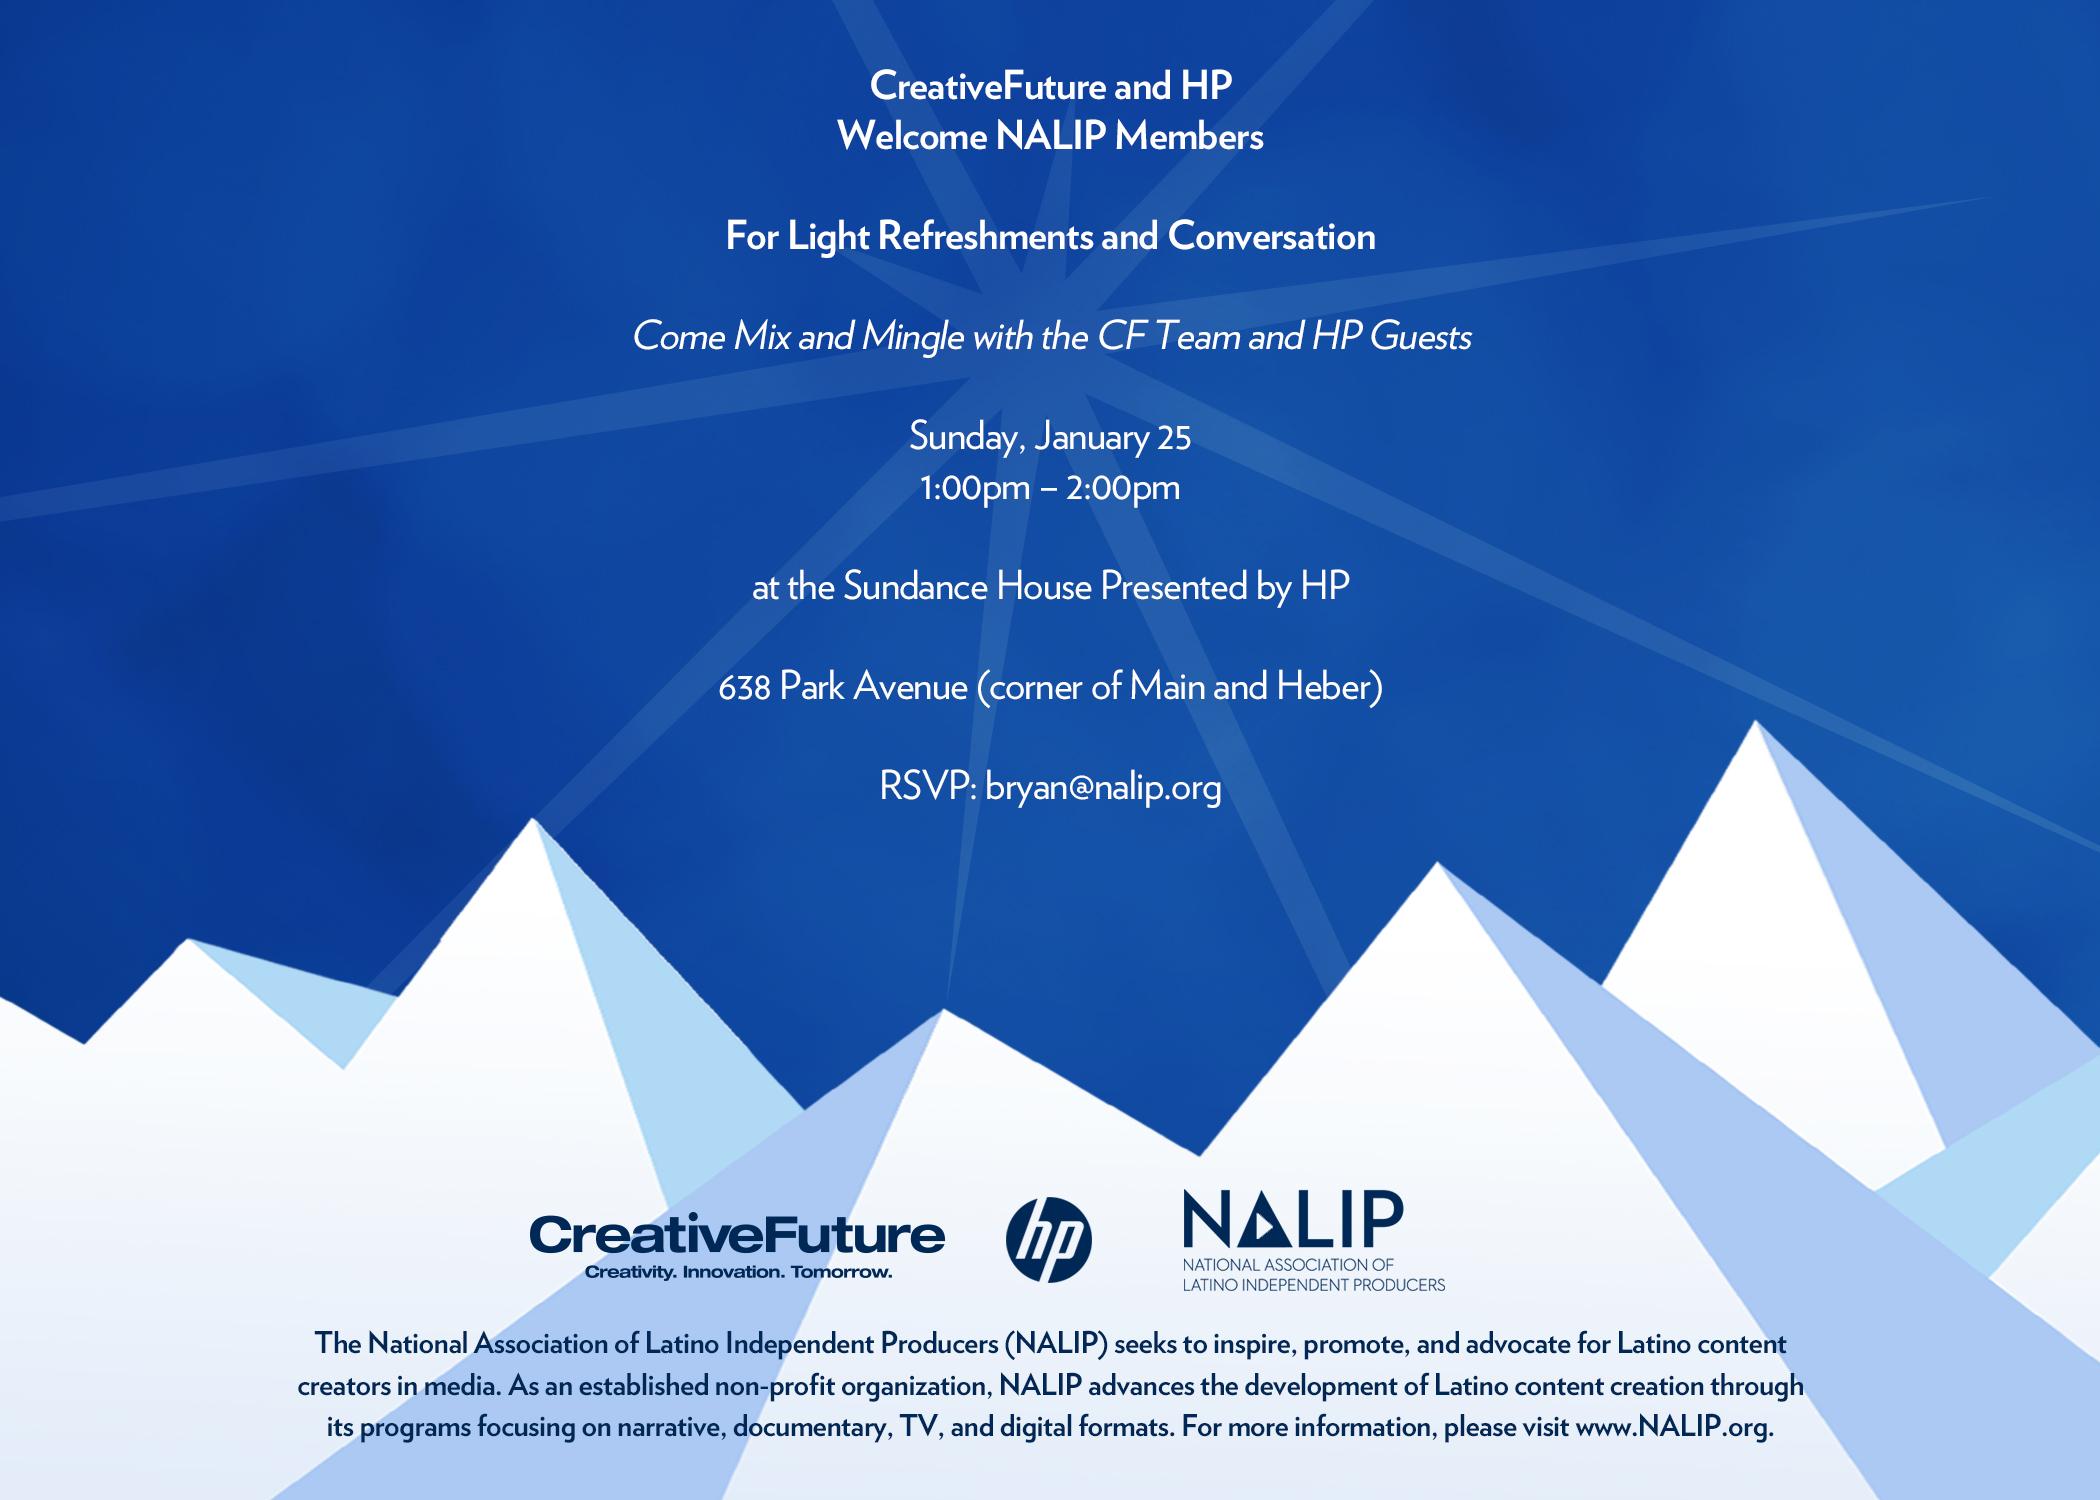 NALIP_CT_HP_SDEvent2015.jpg